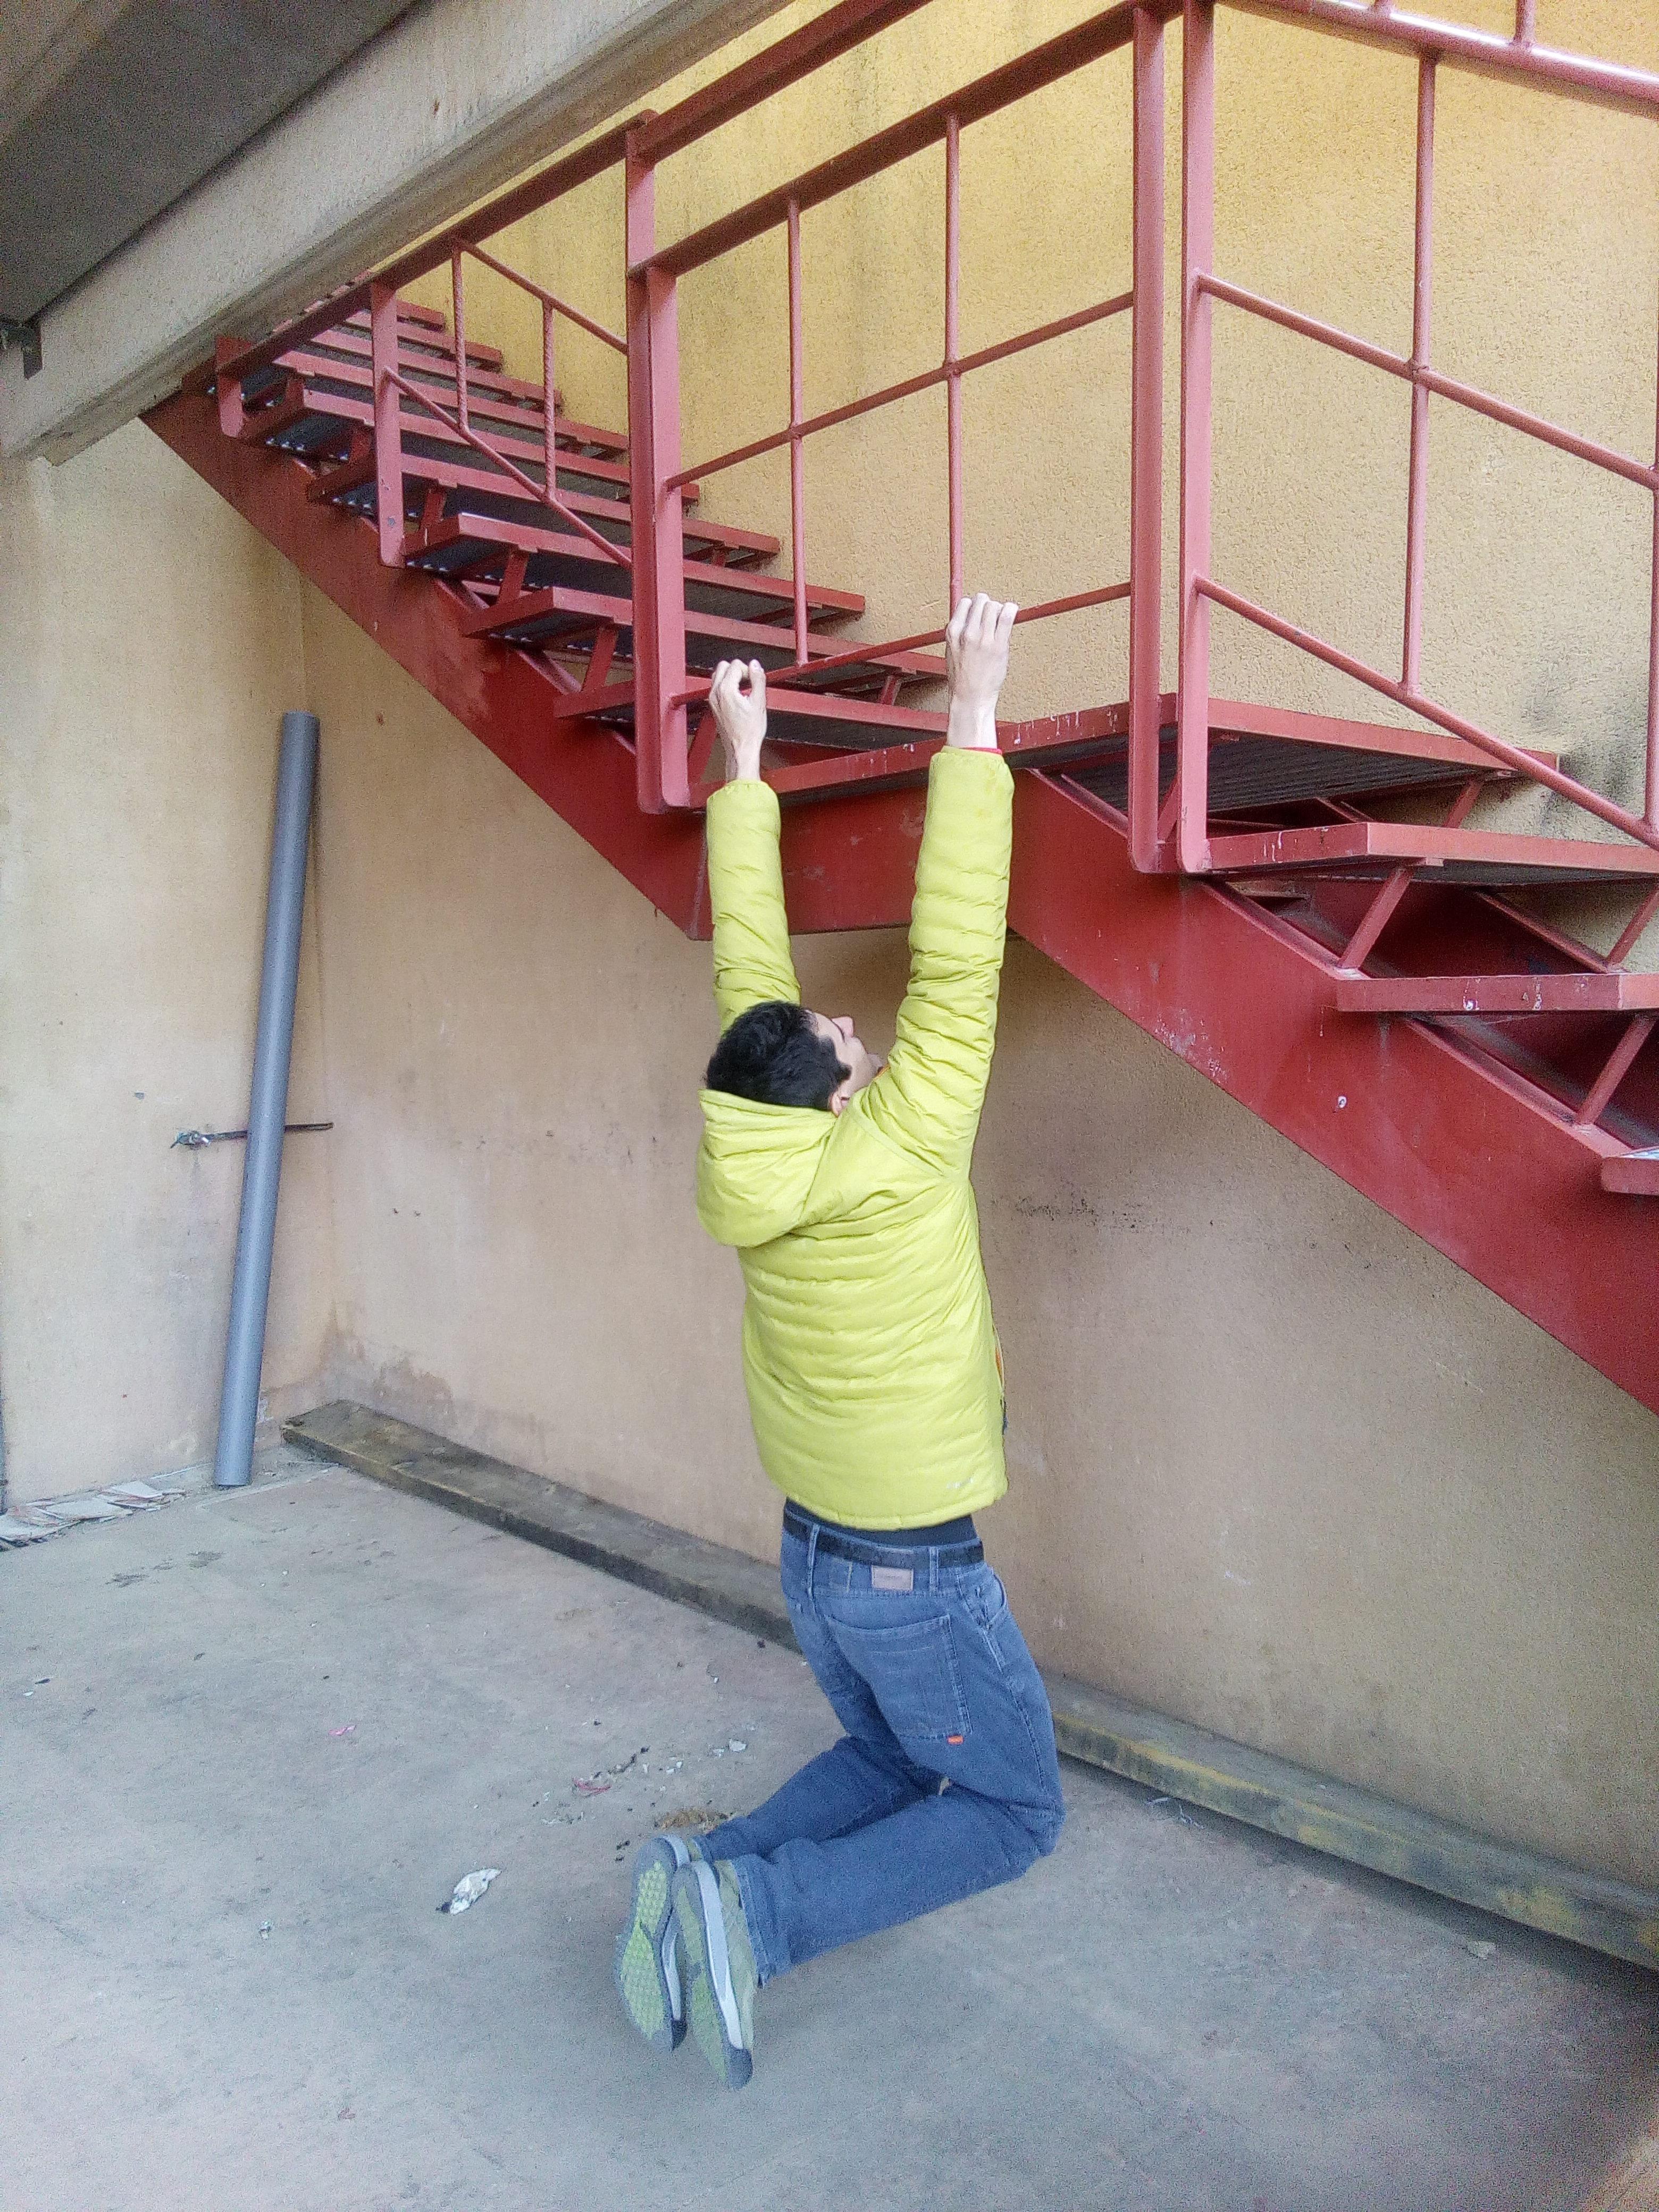 Escalador calentando en una escalera